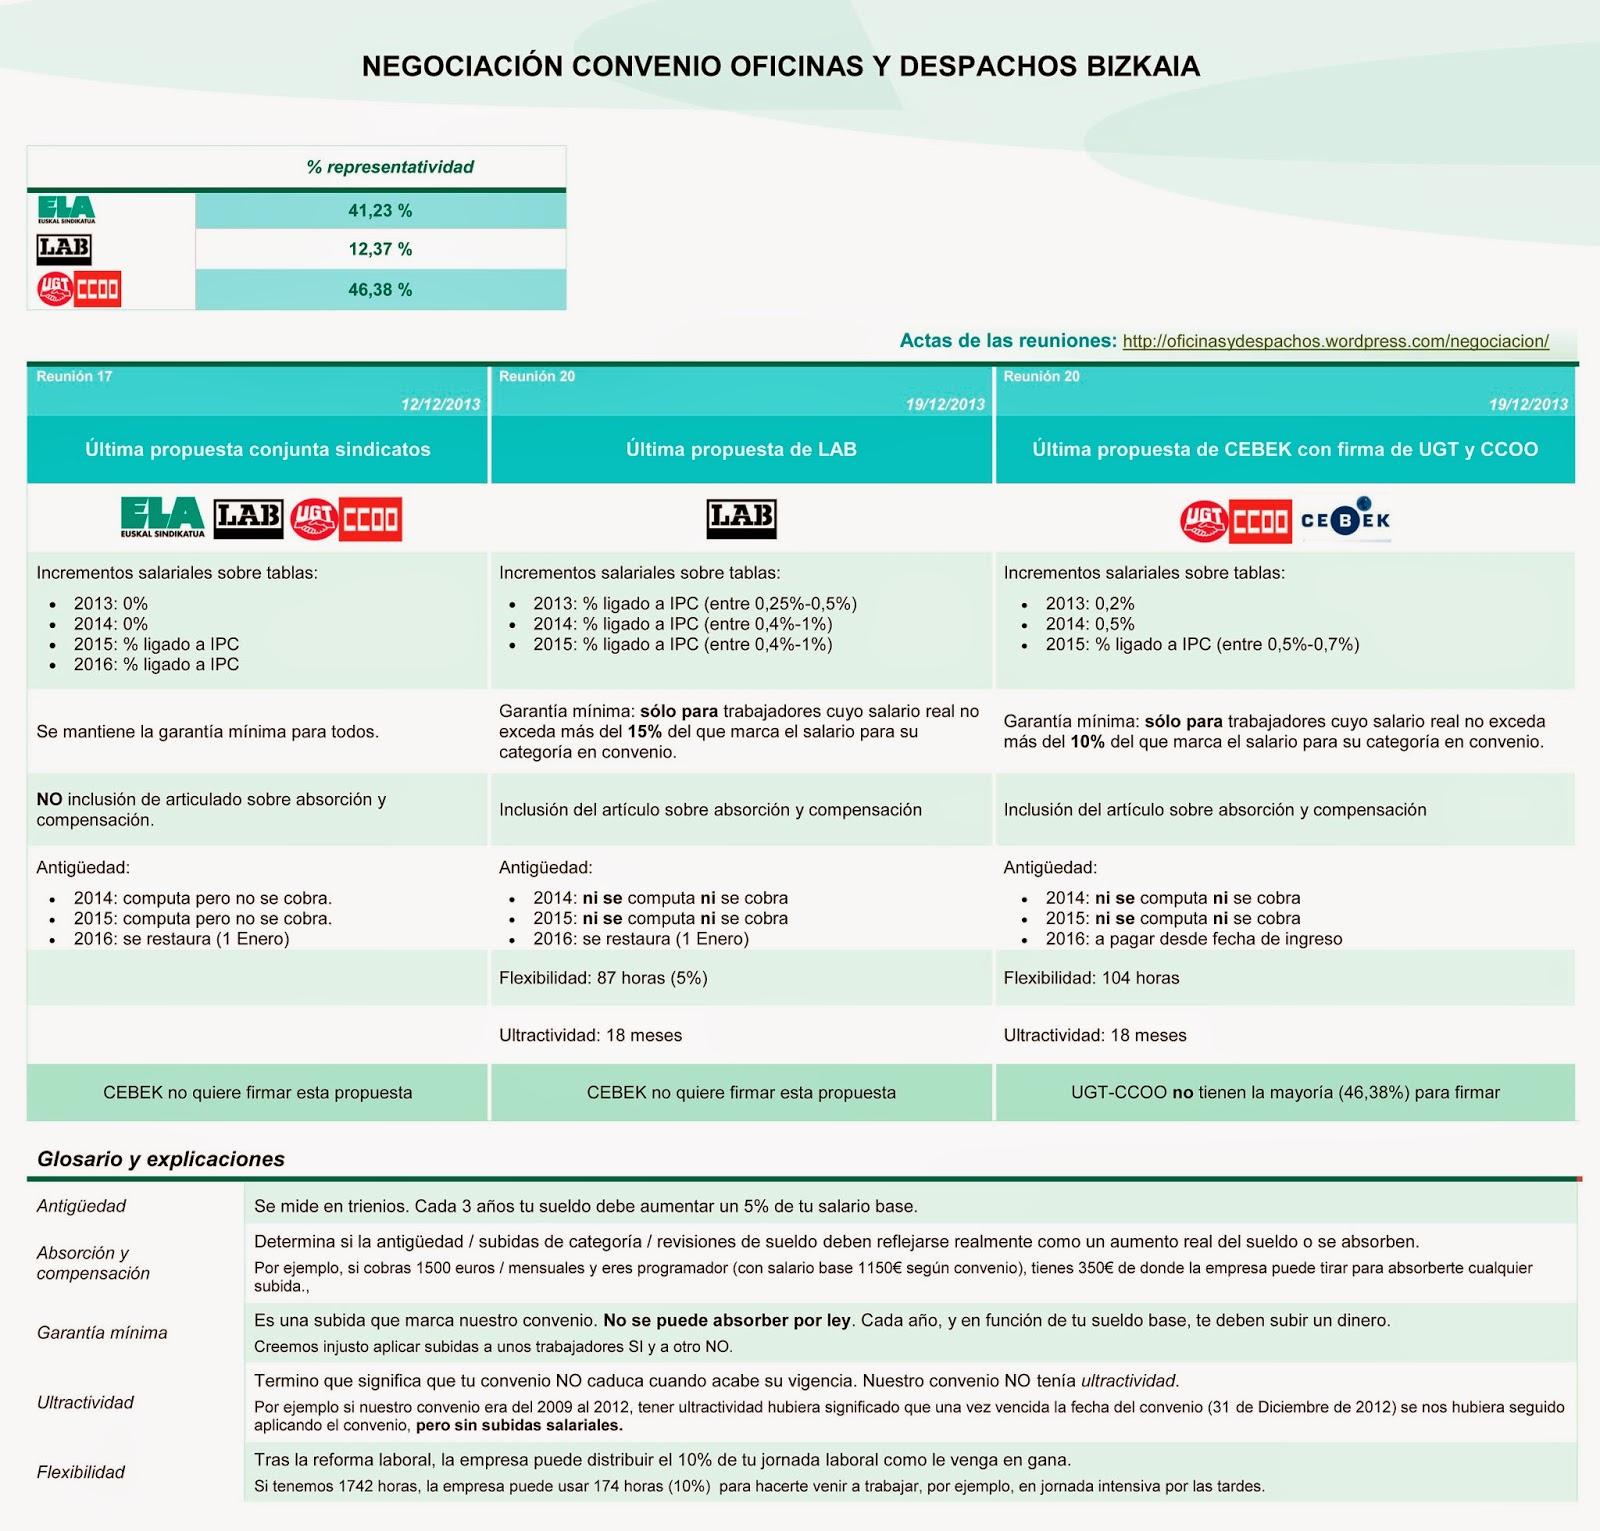 El blog de rangus por un pu ado de votos for Convenio oficinas y despachos madrid 2016